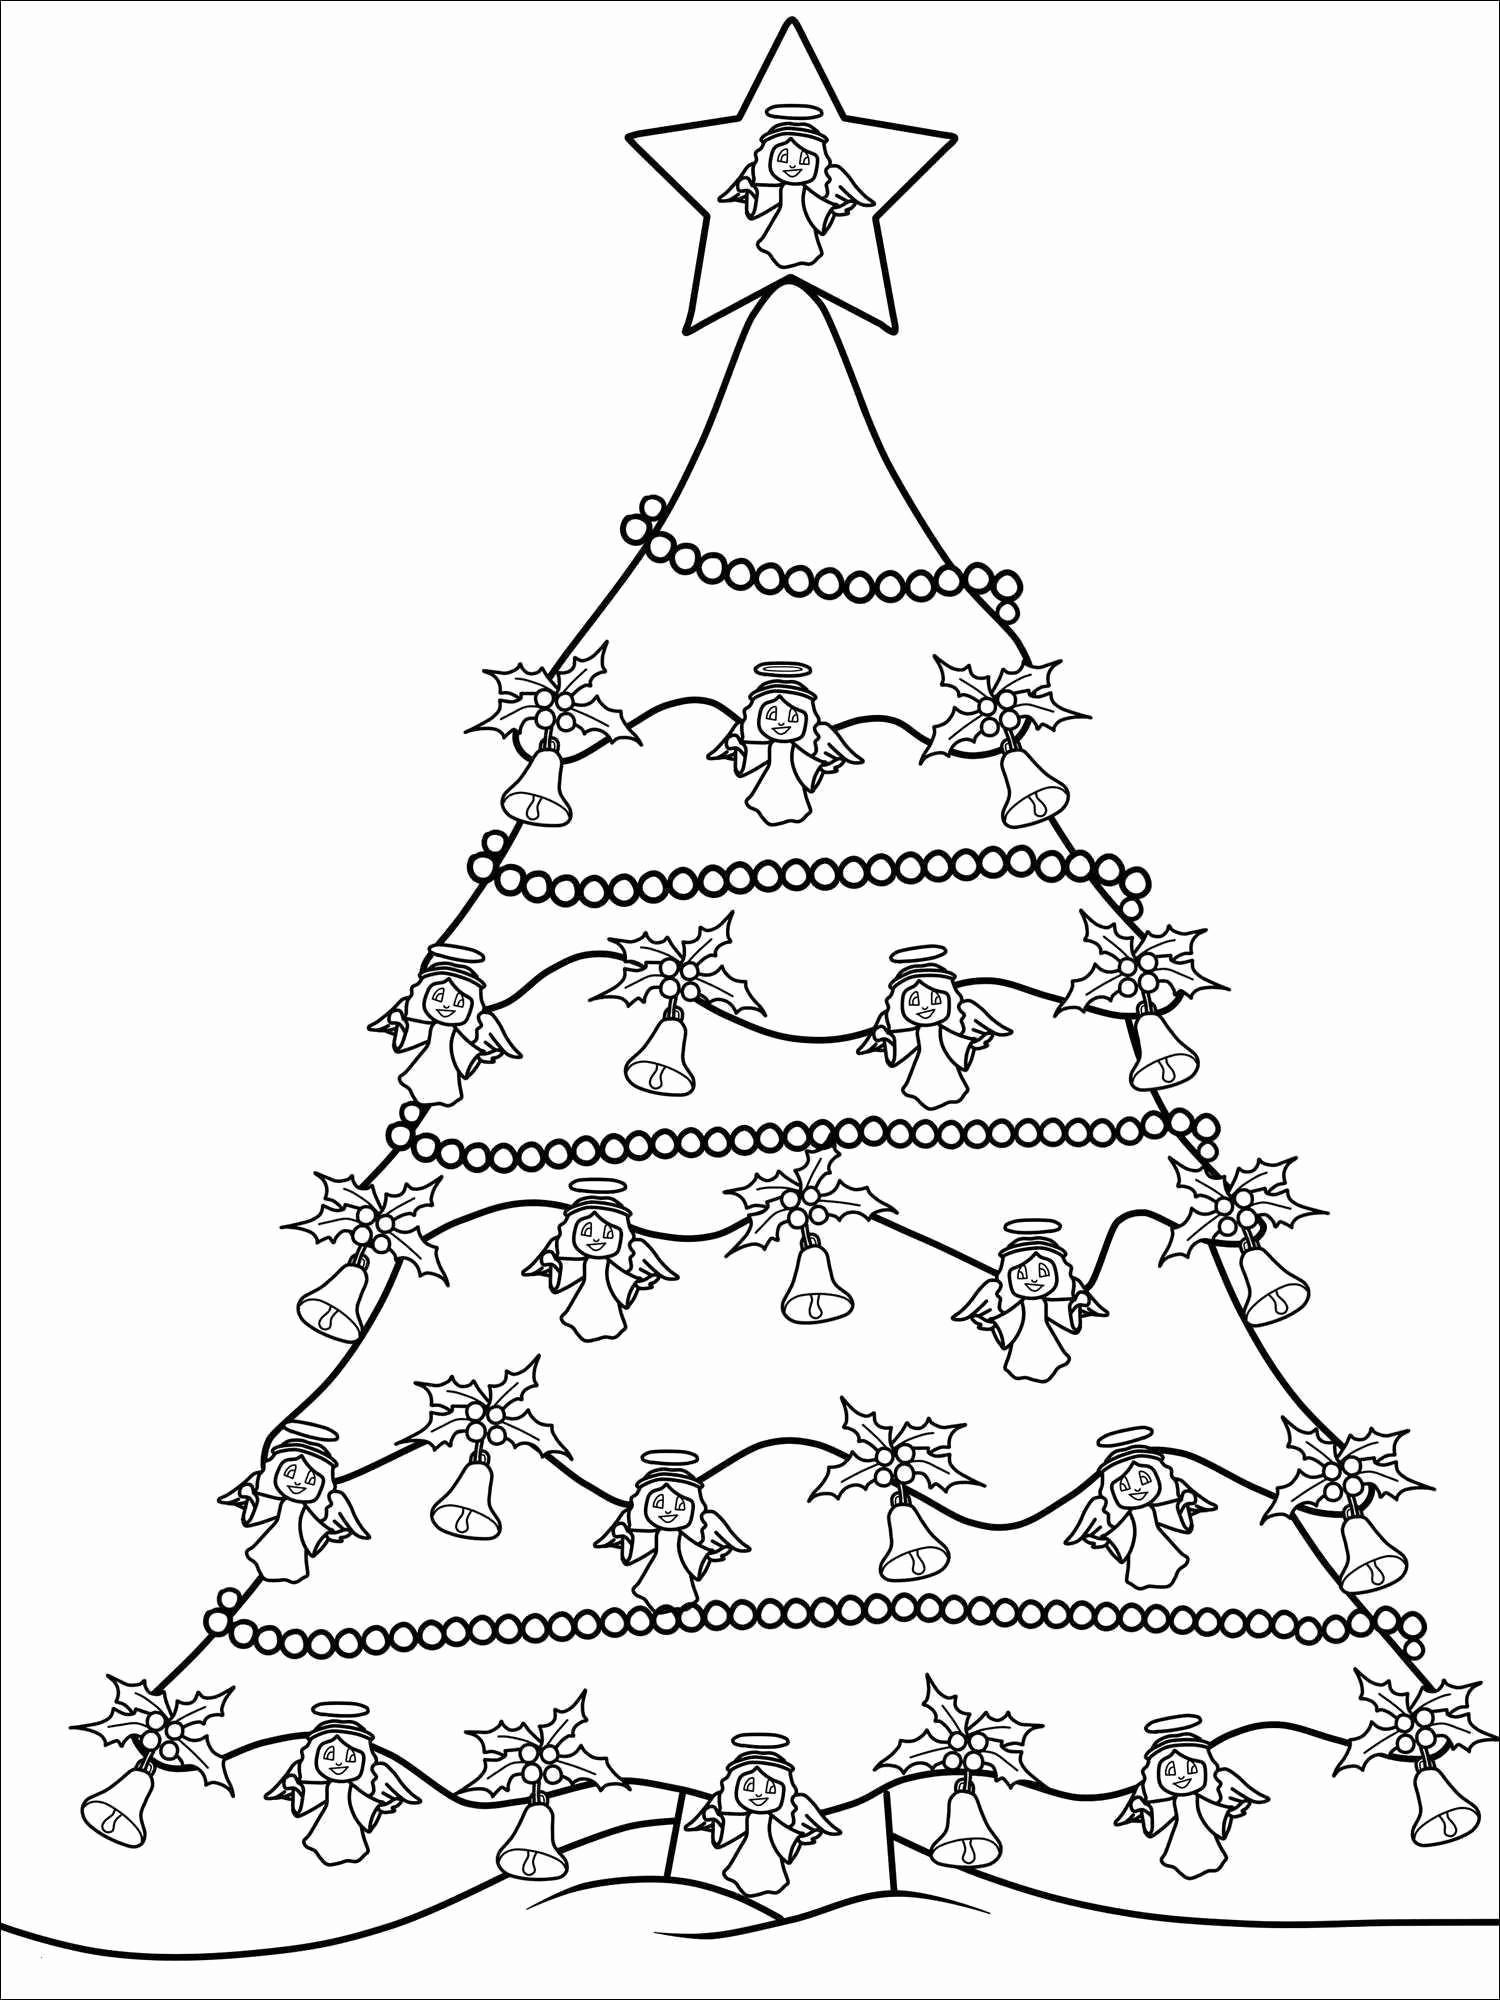 Ausmalbilder Weihnachten Tannenbaum Mit Geschenken Einzigartig 27 Models Galerie Von Malvorlagen Tannenbaum Ausdrucken Galerie